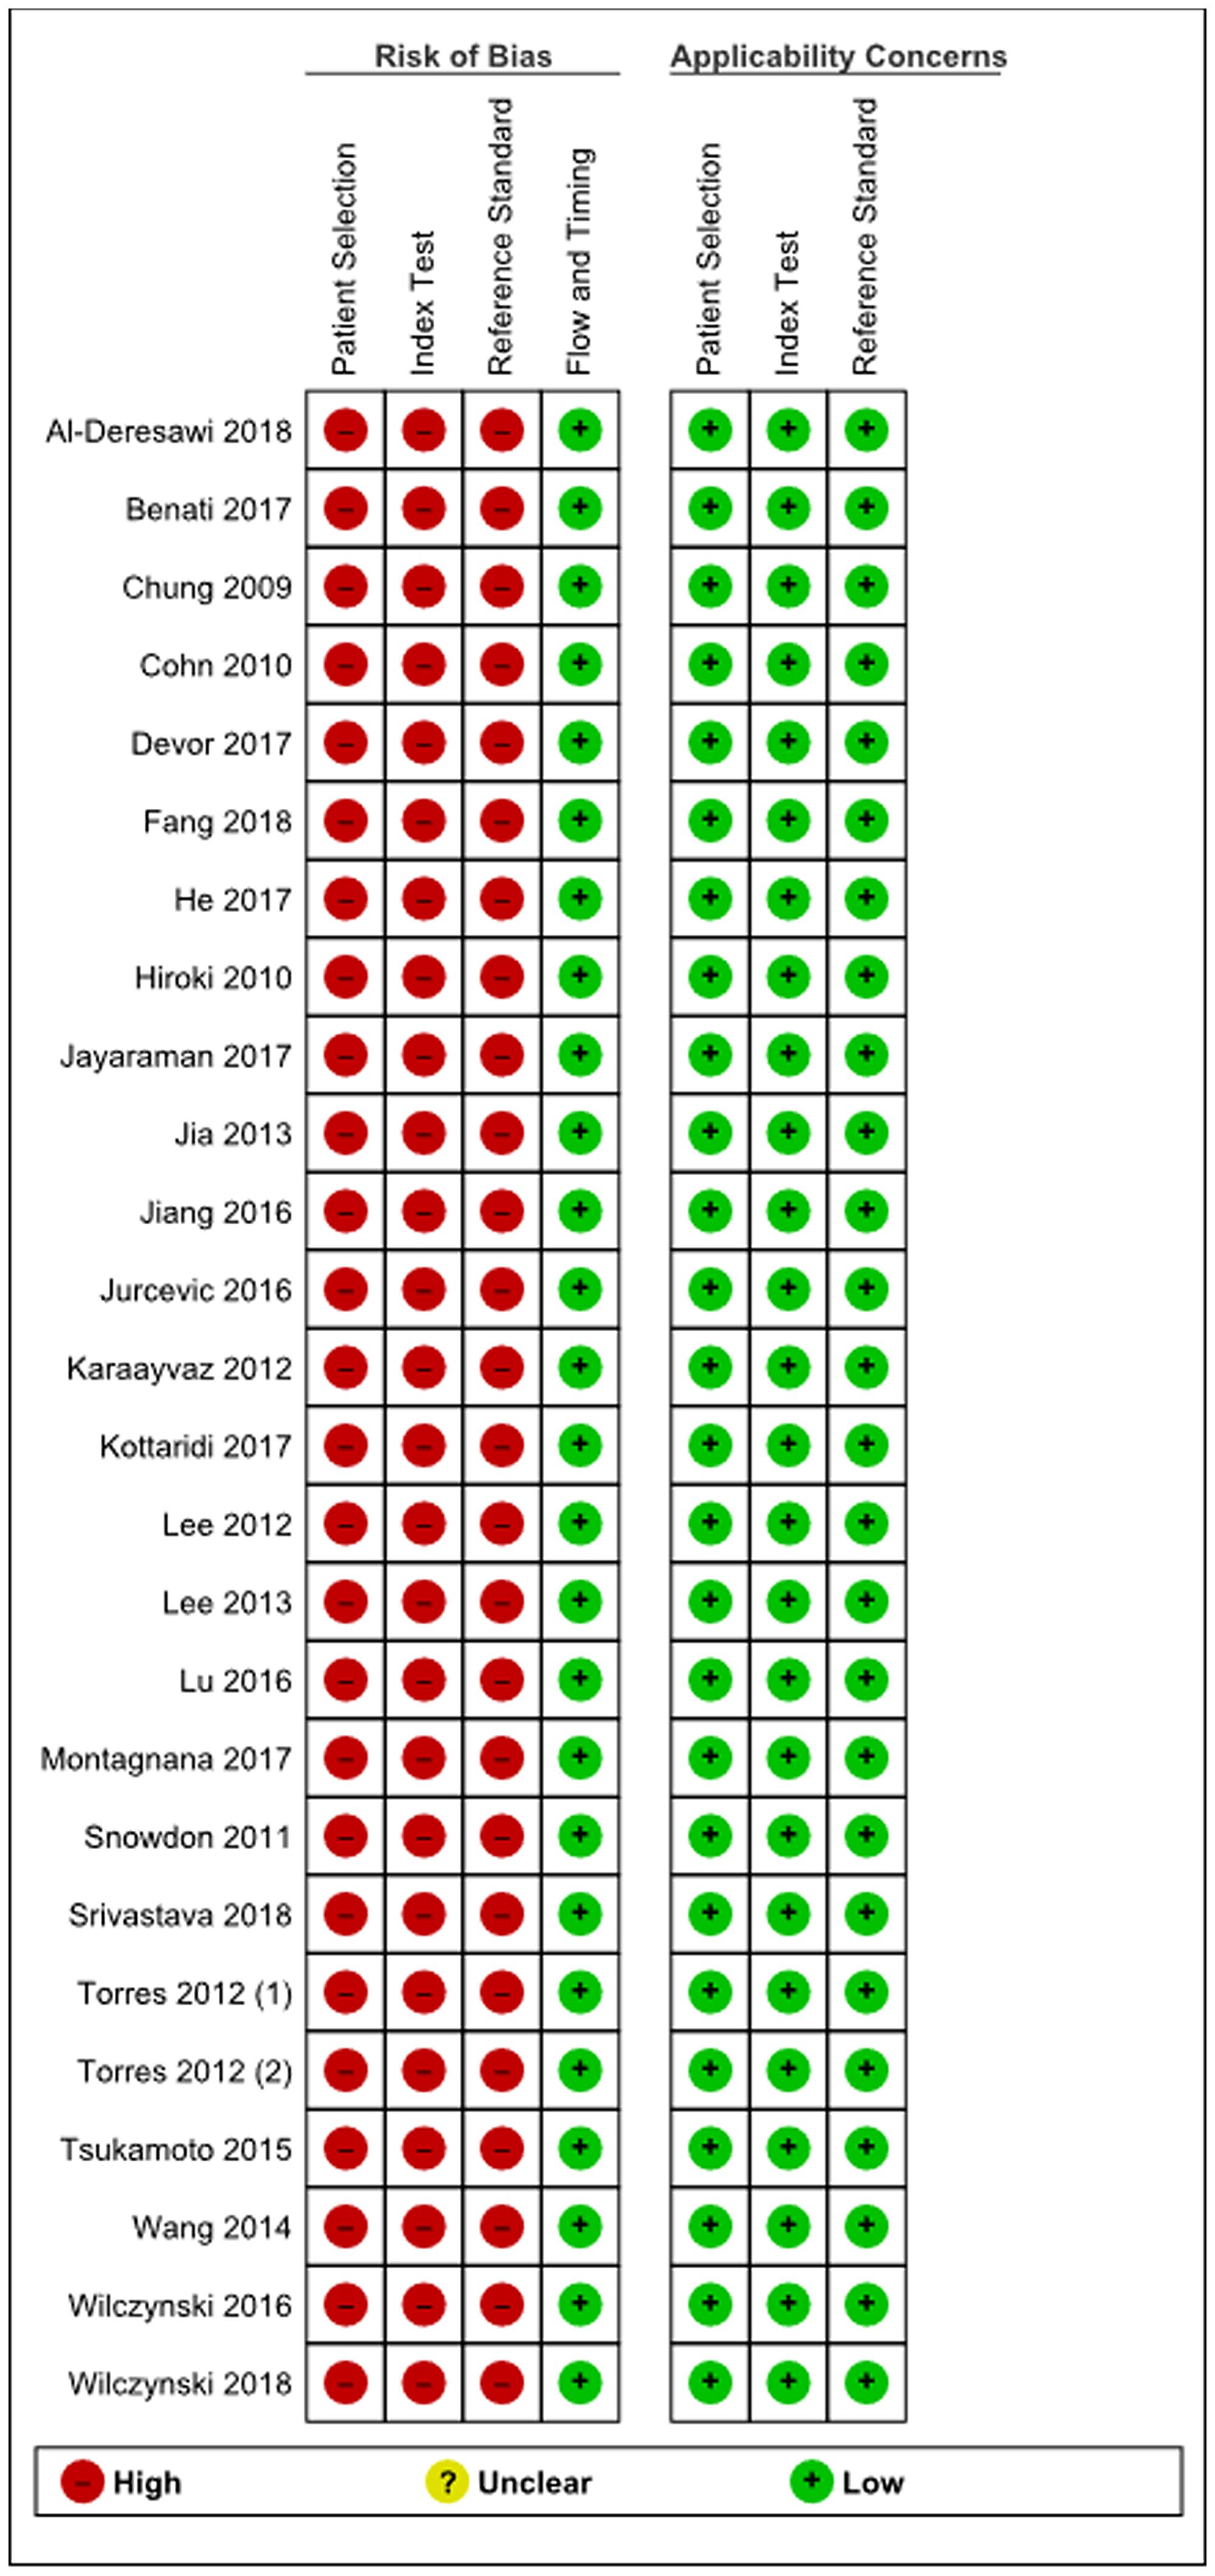 Summary of bias risk assessment results for QUADAS-2.